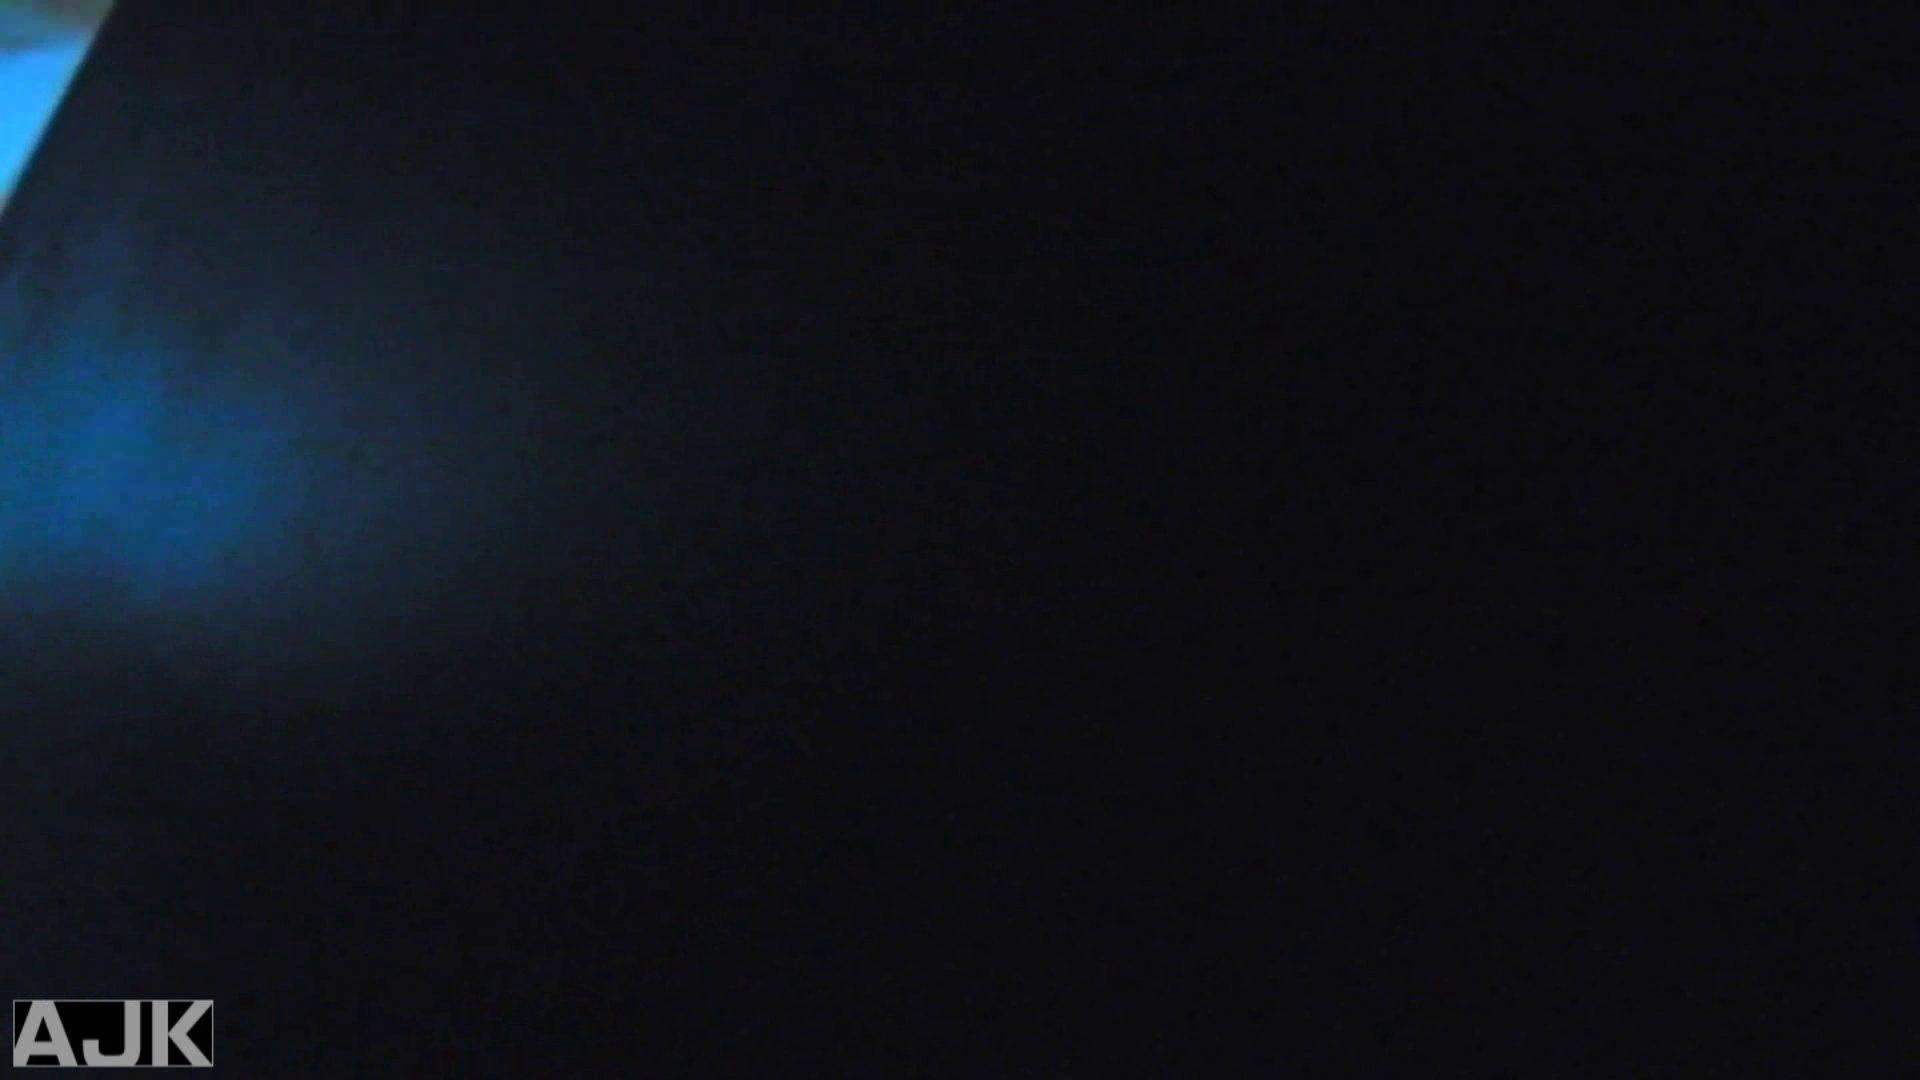 神降臨!史上最強の潜入かわや! vol.24 オマンコ全開です AV動画キャプチャ 86枚